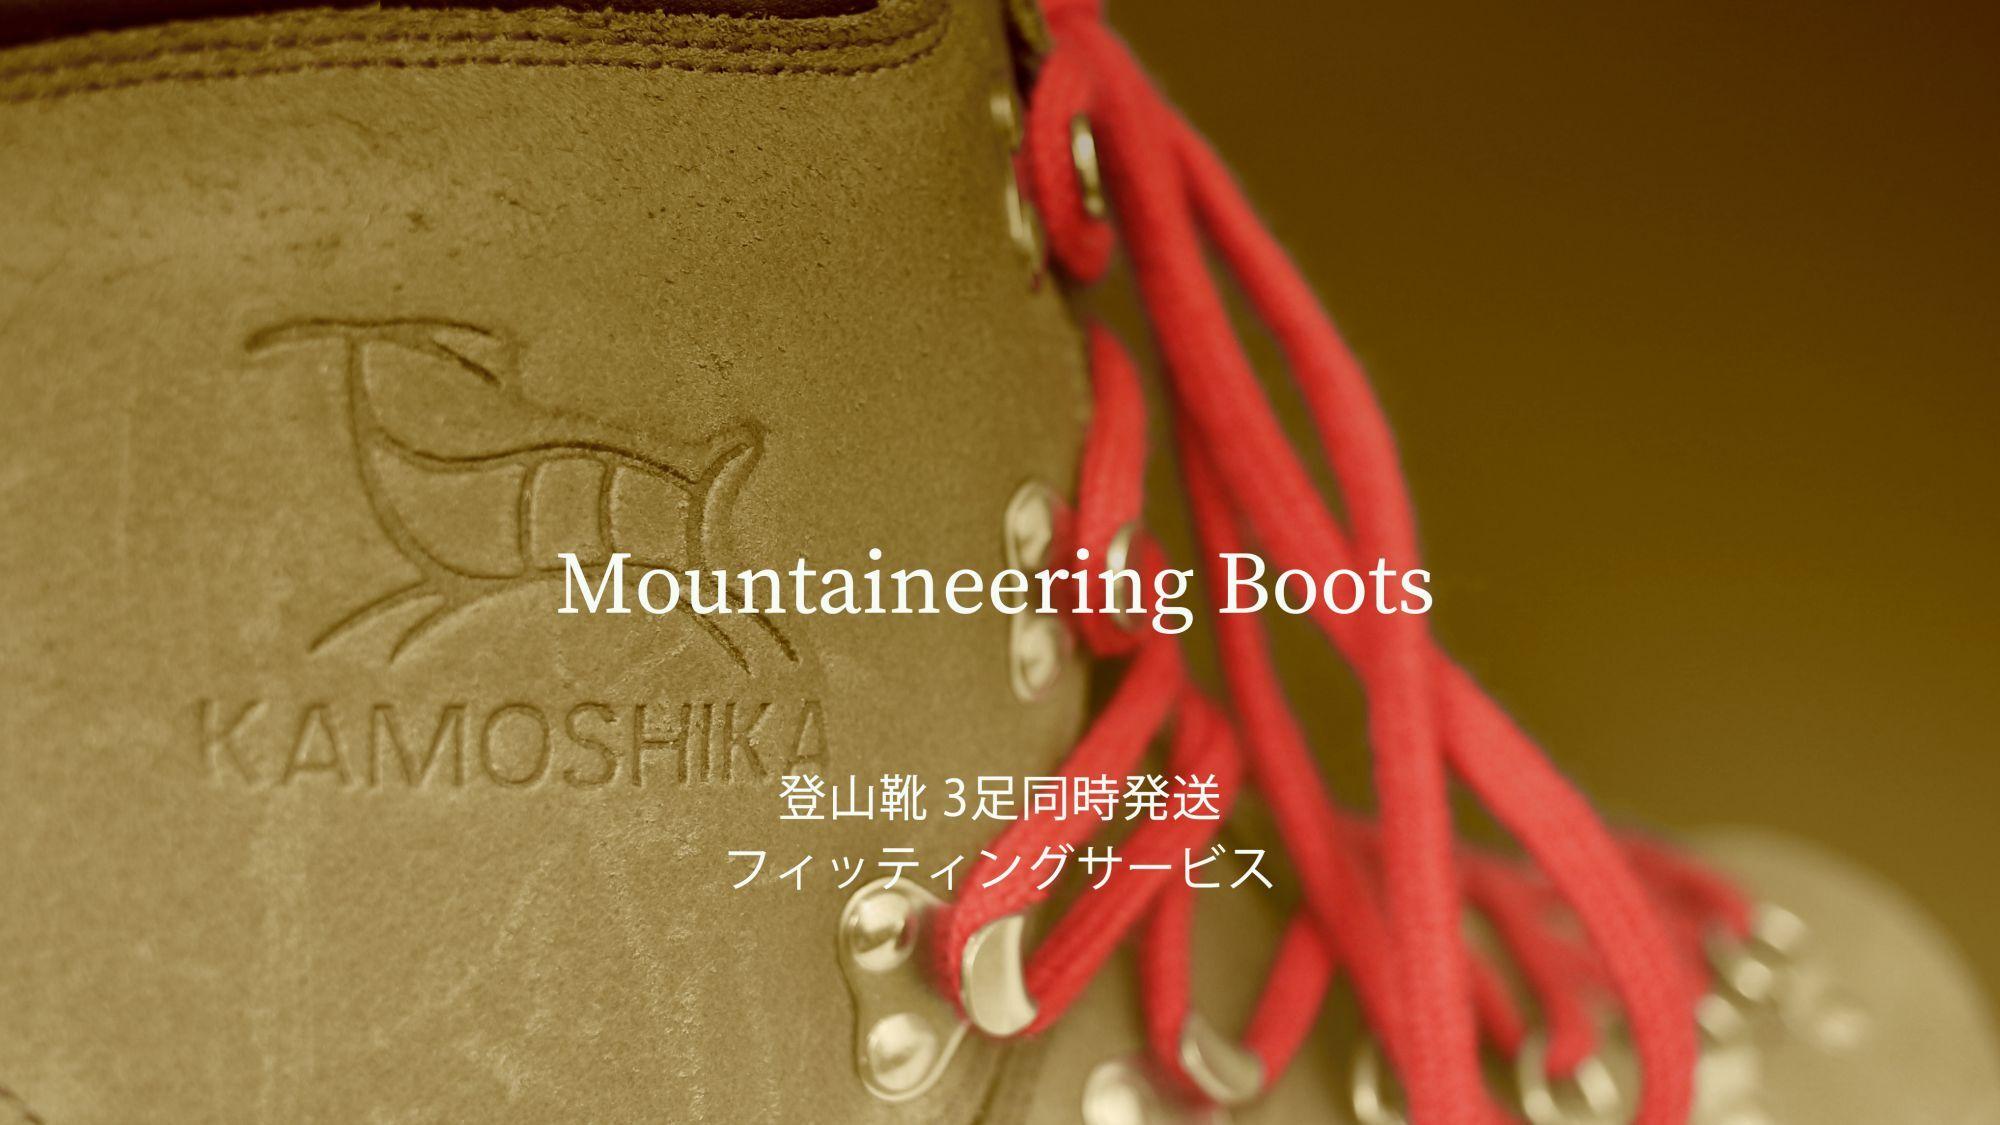 登山靴の3サイズ同時発送フィッティングサービス